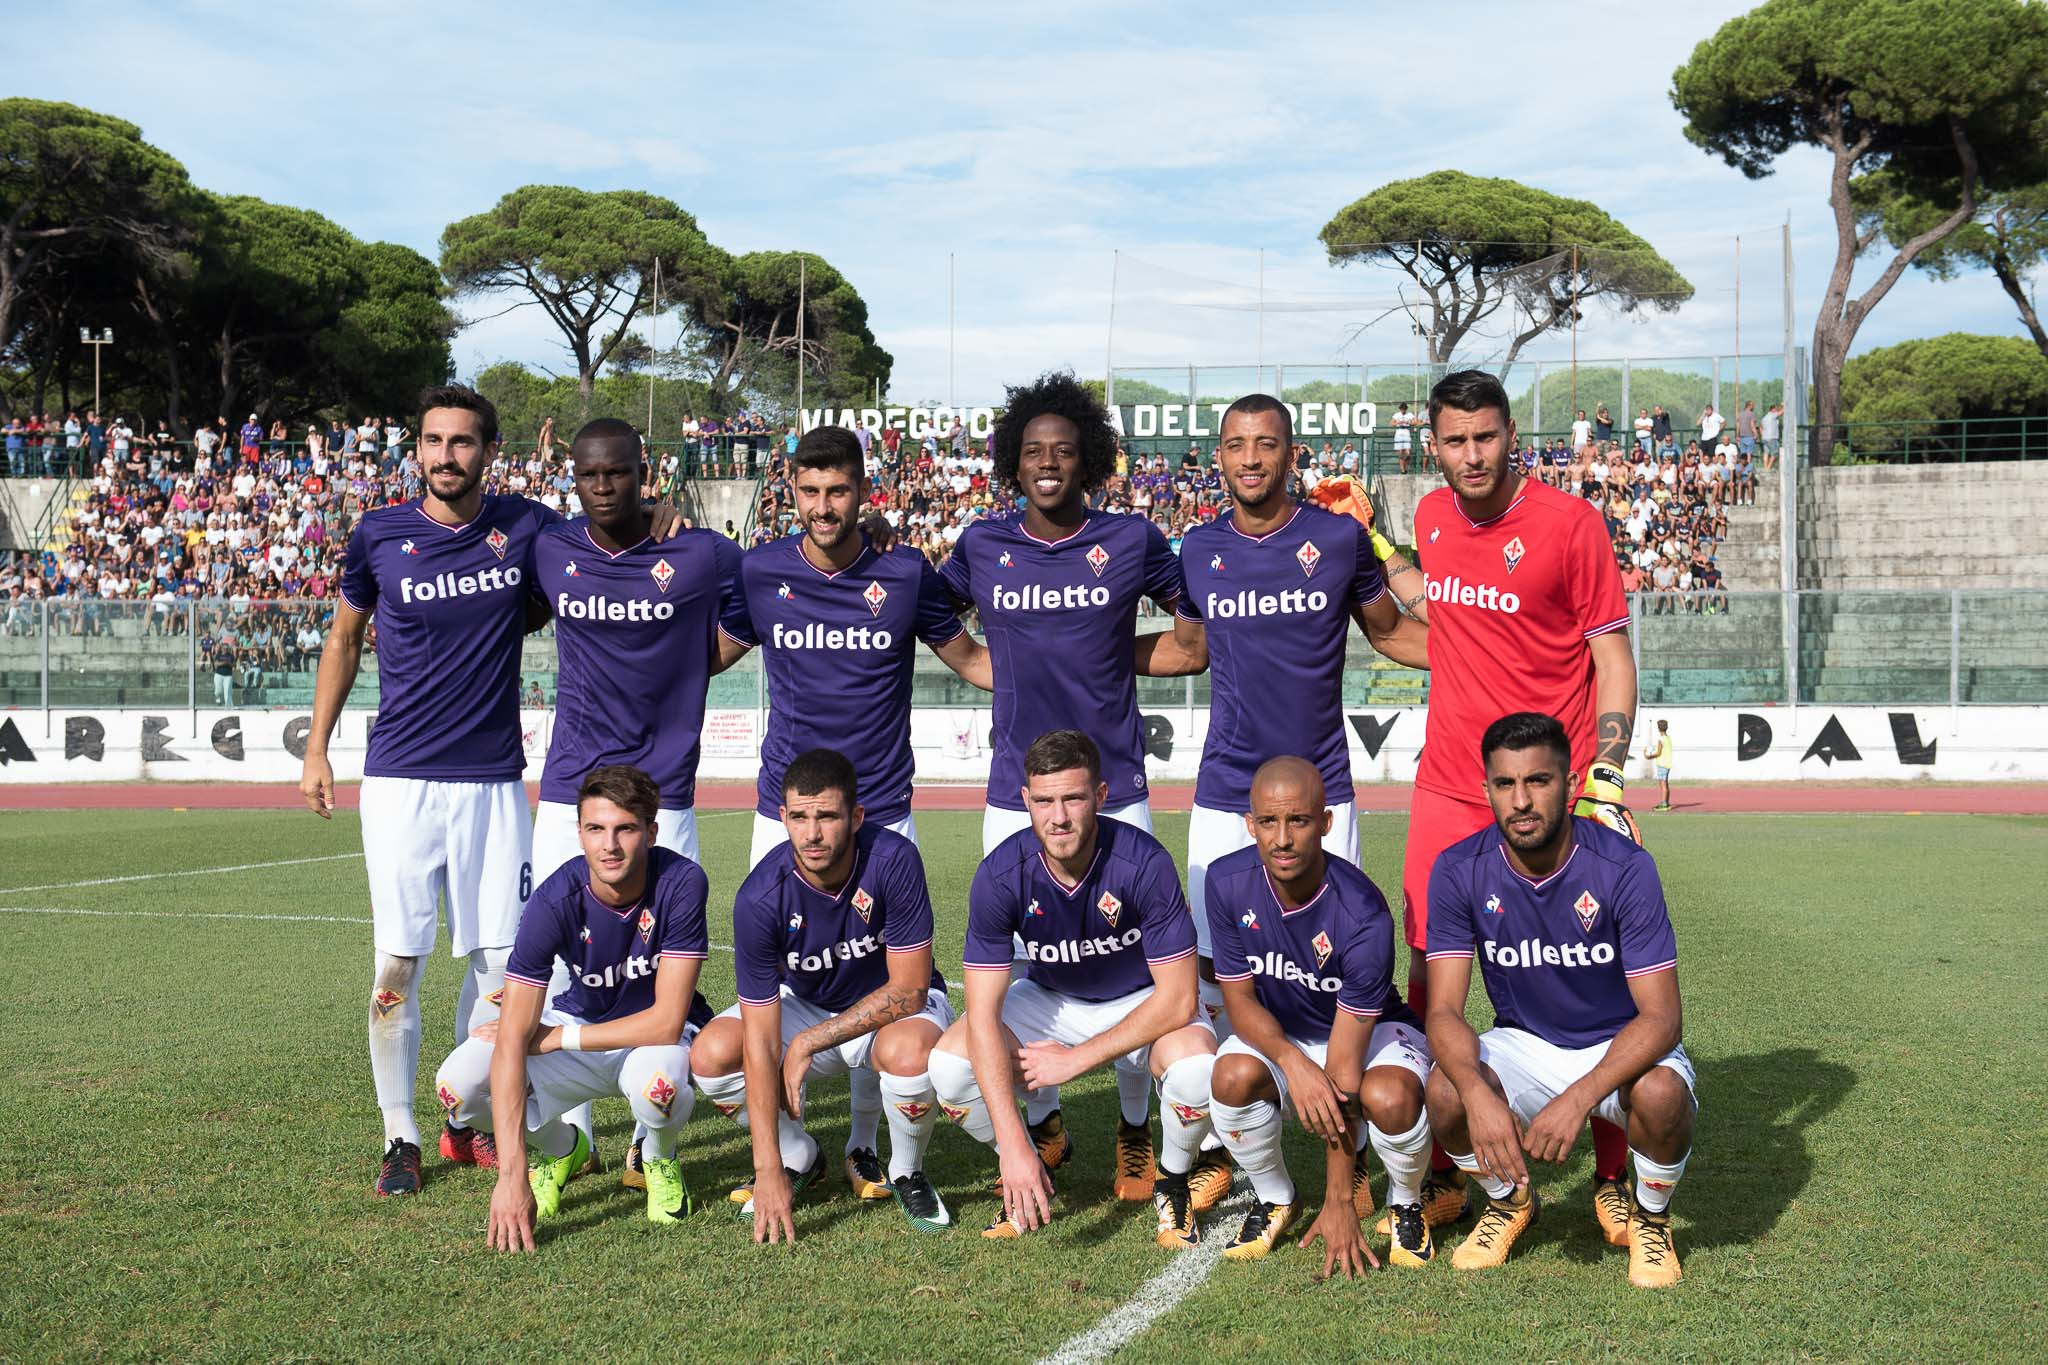 Pronostici Gazzetta, la Fiorentina arriva 8° in classifica. Federico Chiesa miglior giovane insieme a Conti del Milan